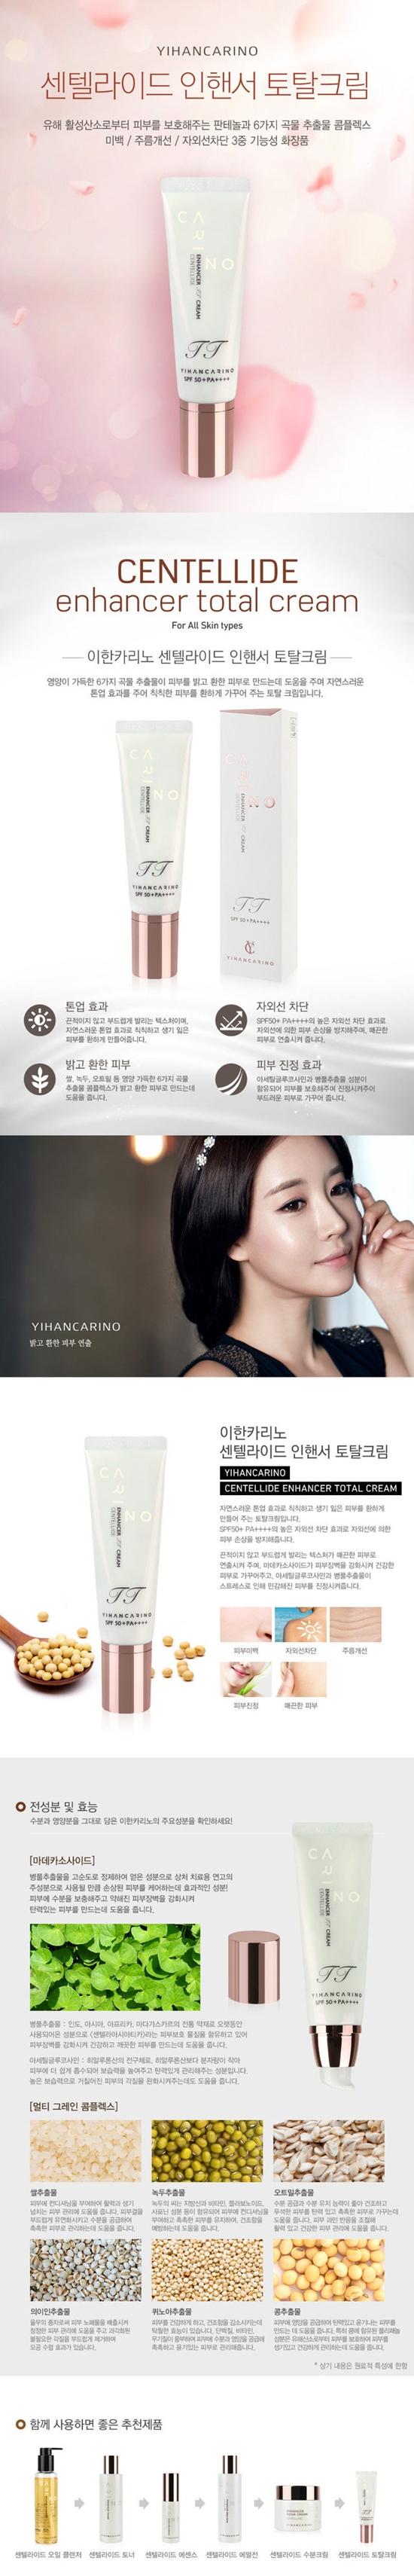 yihancarino-tt-cream-info.jpg